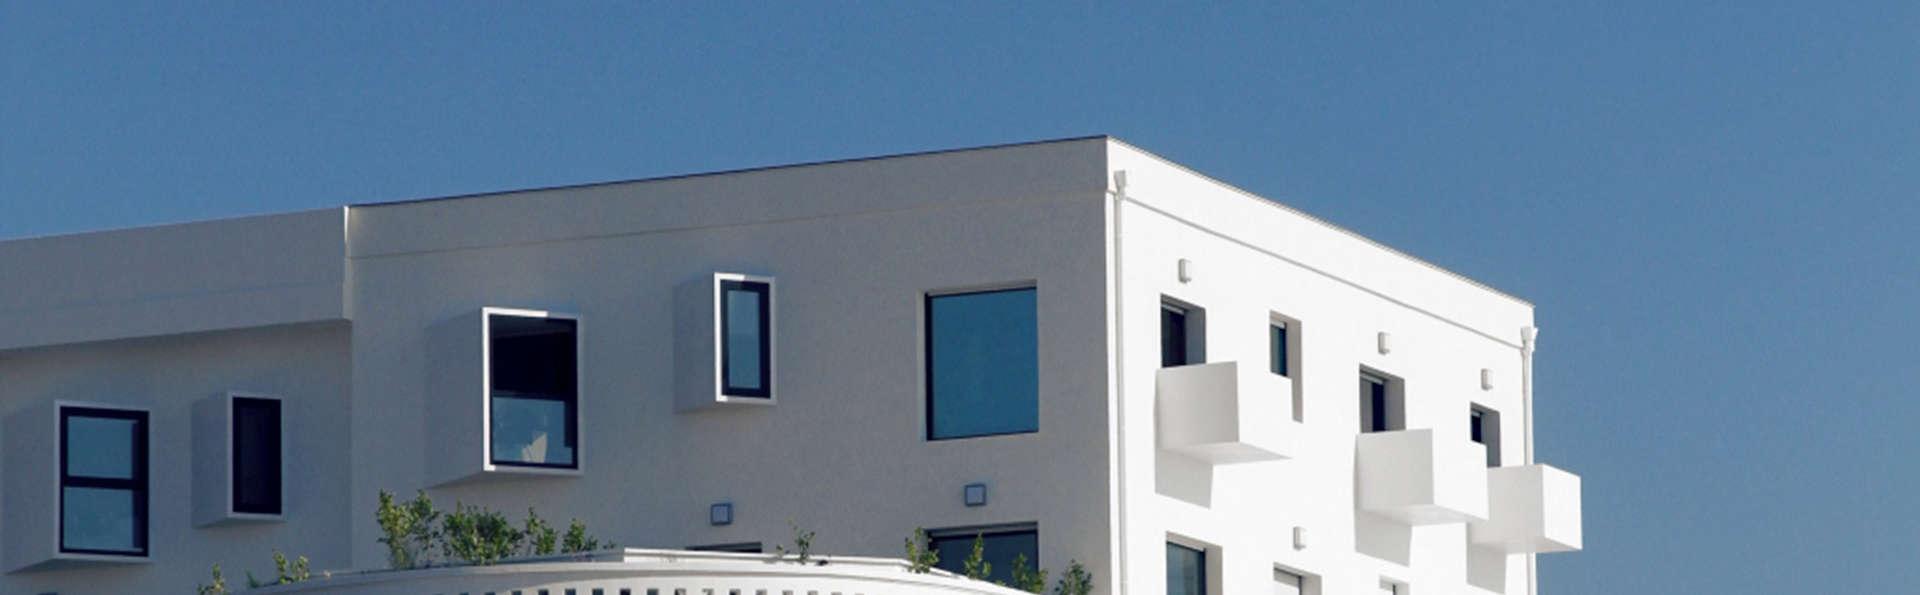 Le Grand Hôtel de la Plage - Biscarrosse - edit_facade.jpg